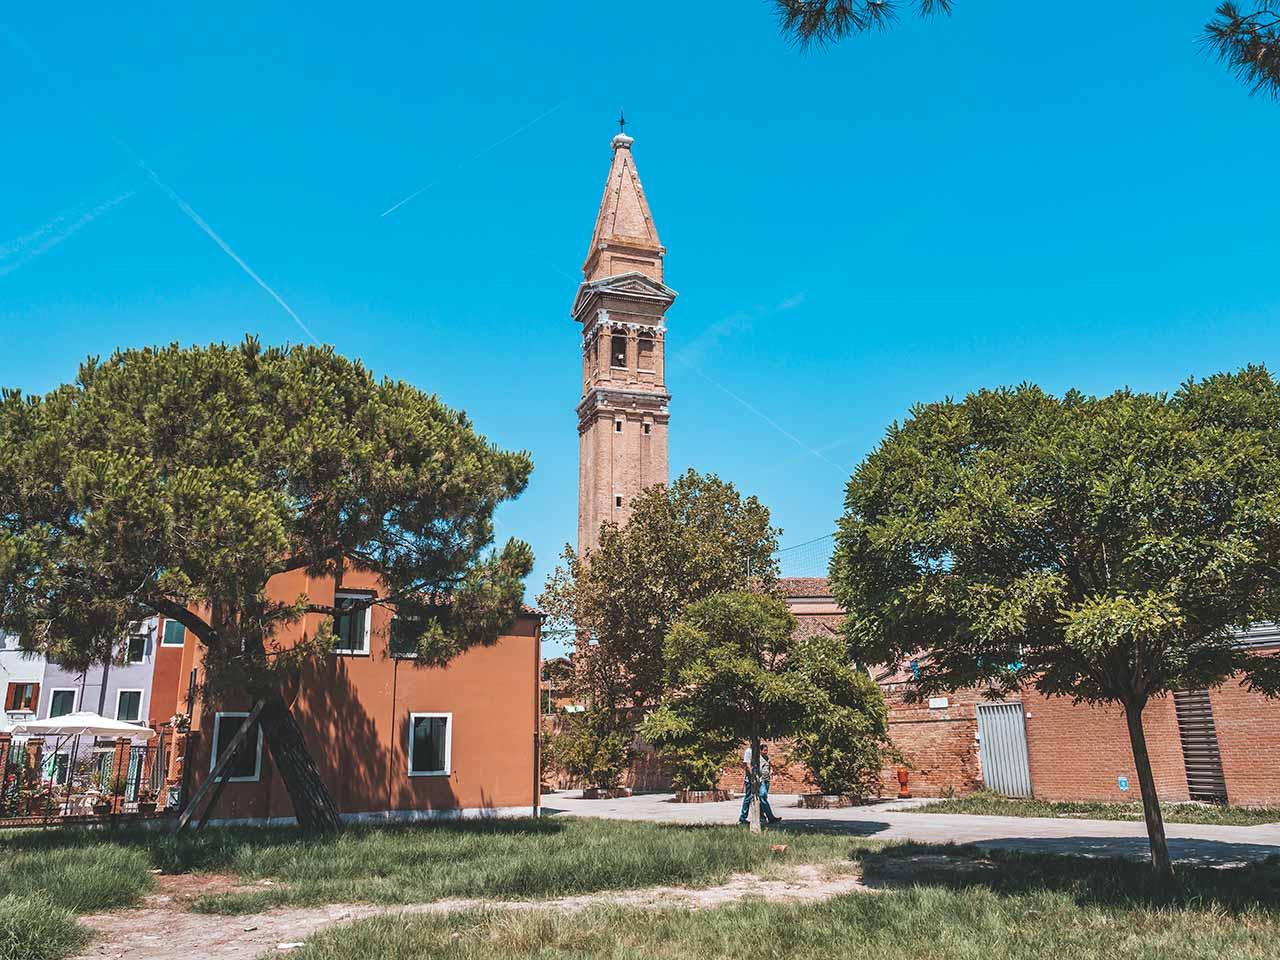 Wiese in Burano - Aussicht auf den Turm der Martino Kirche